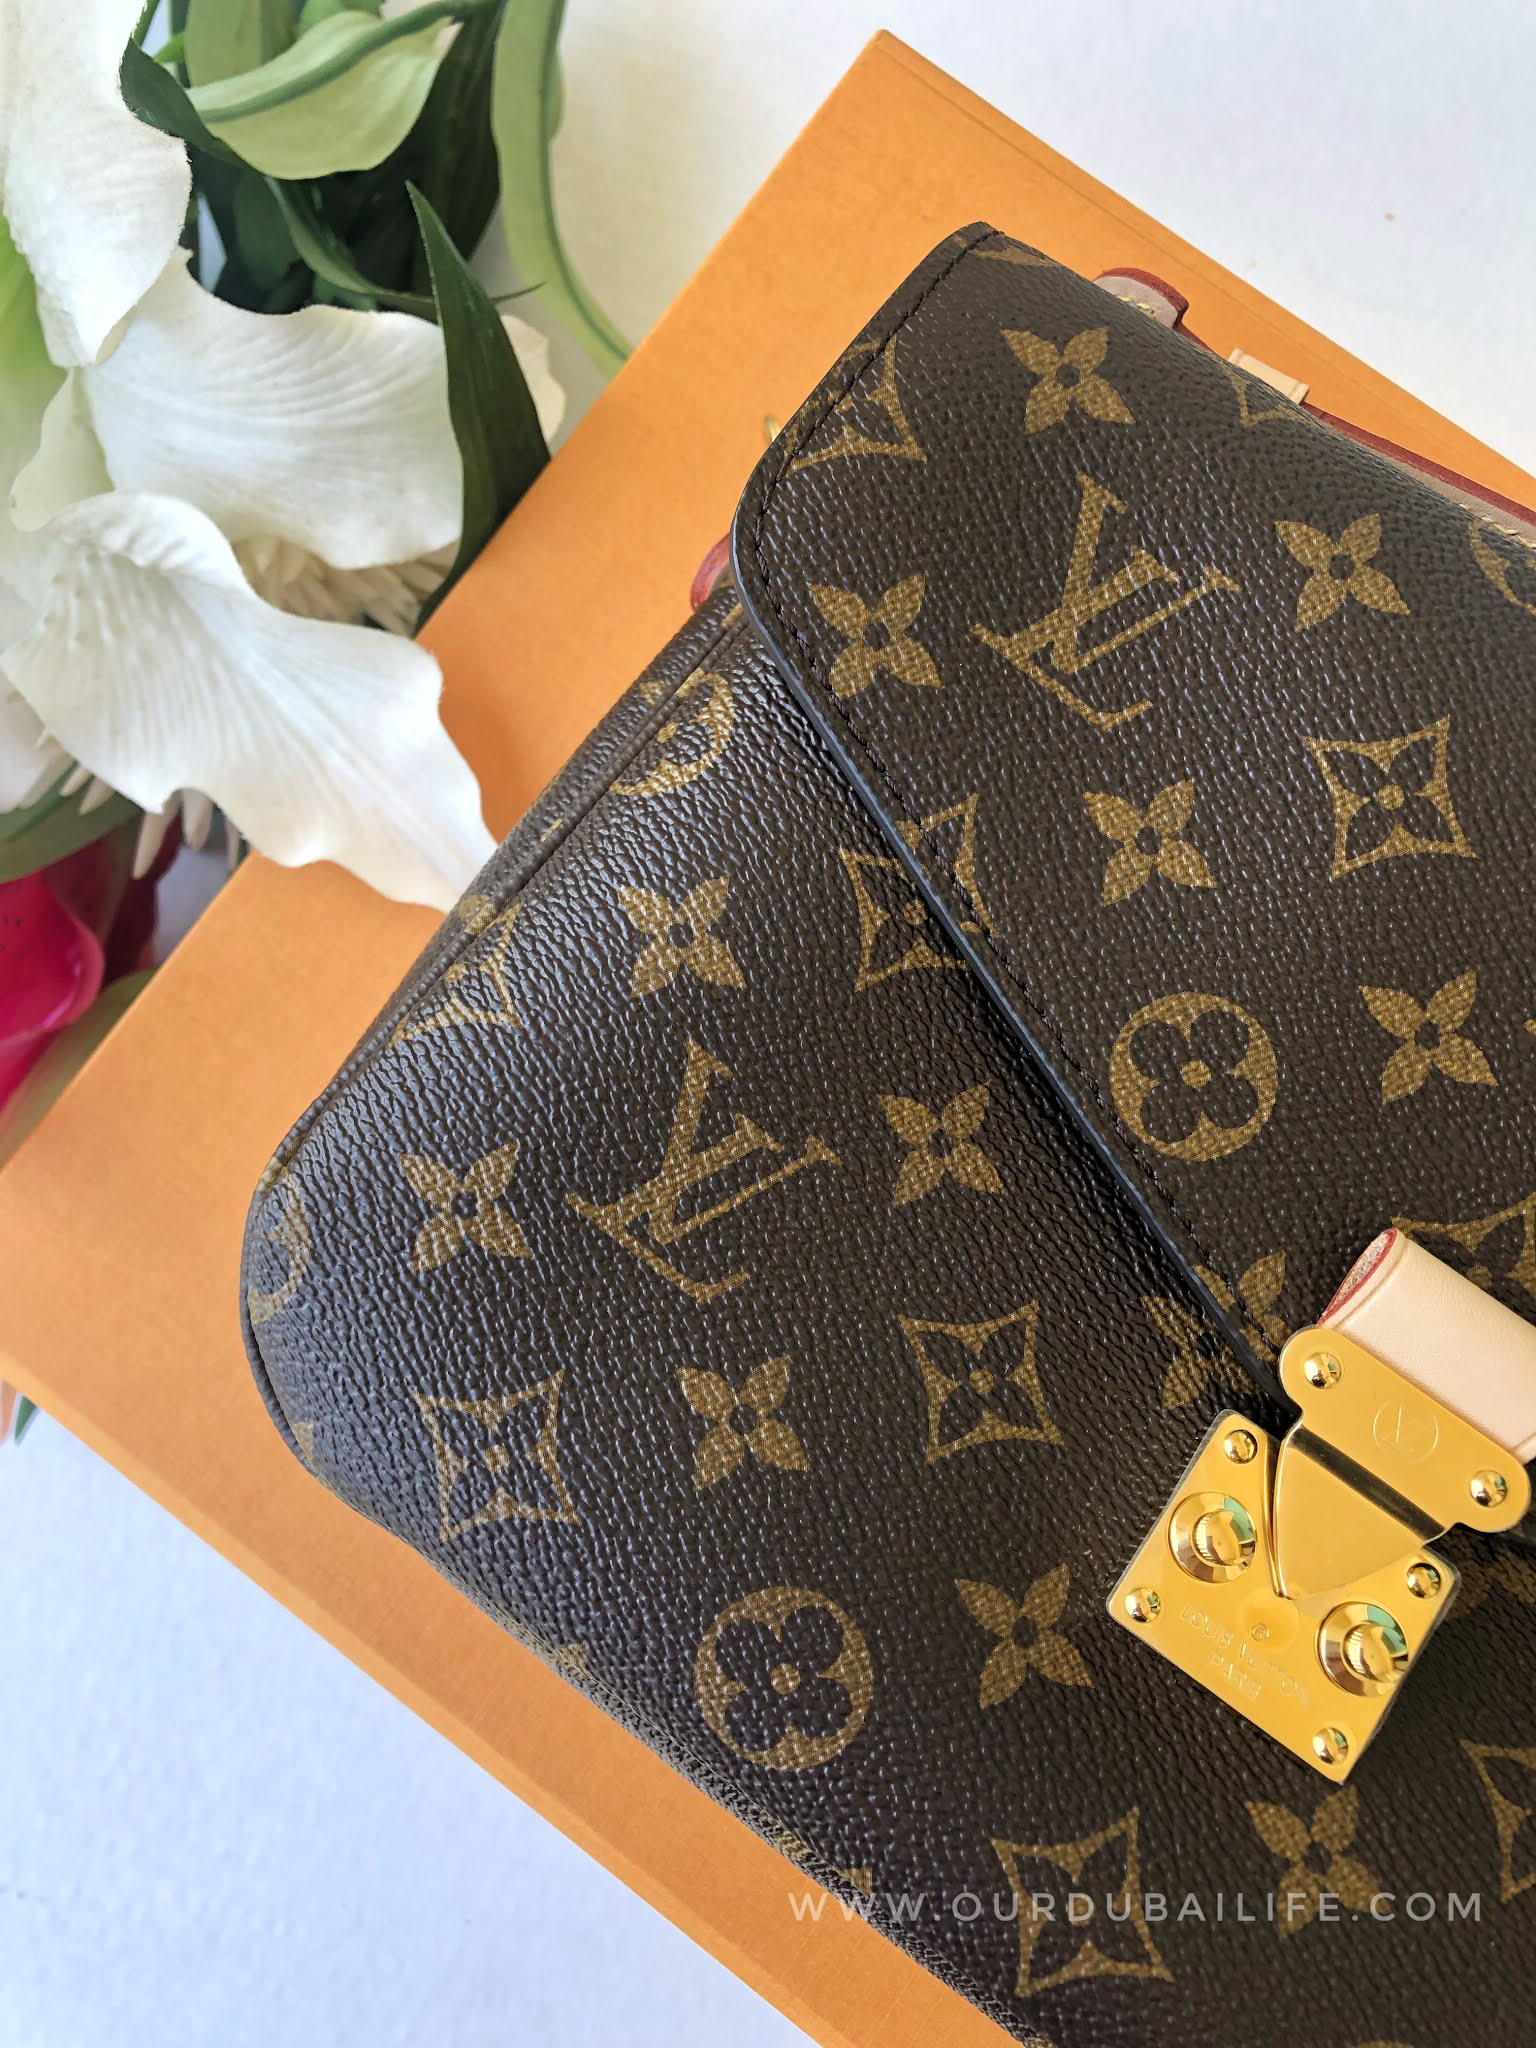 Louis Vuitton Pochette Métis monogram print unboxing